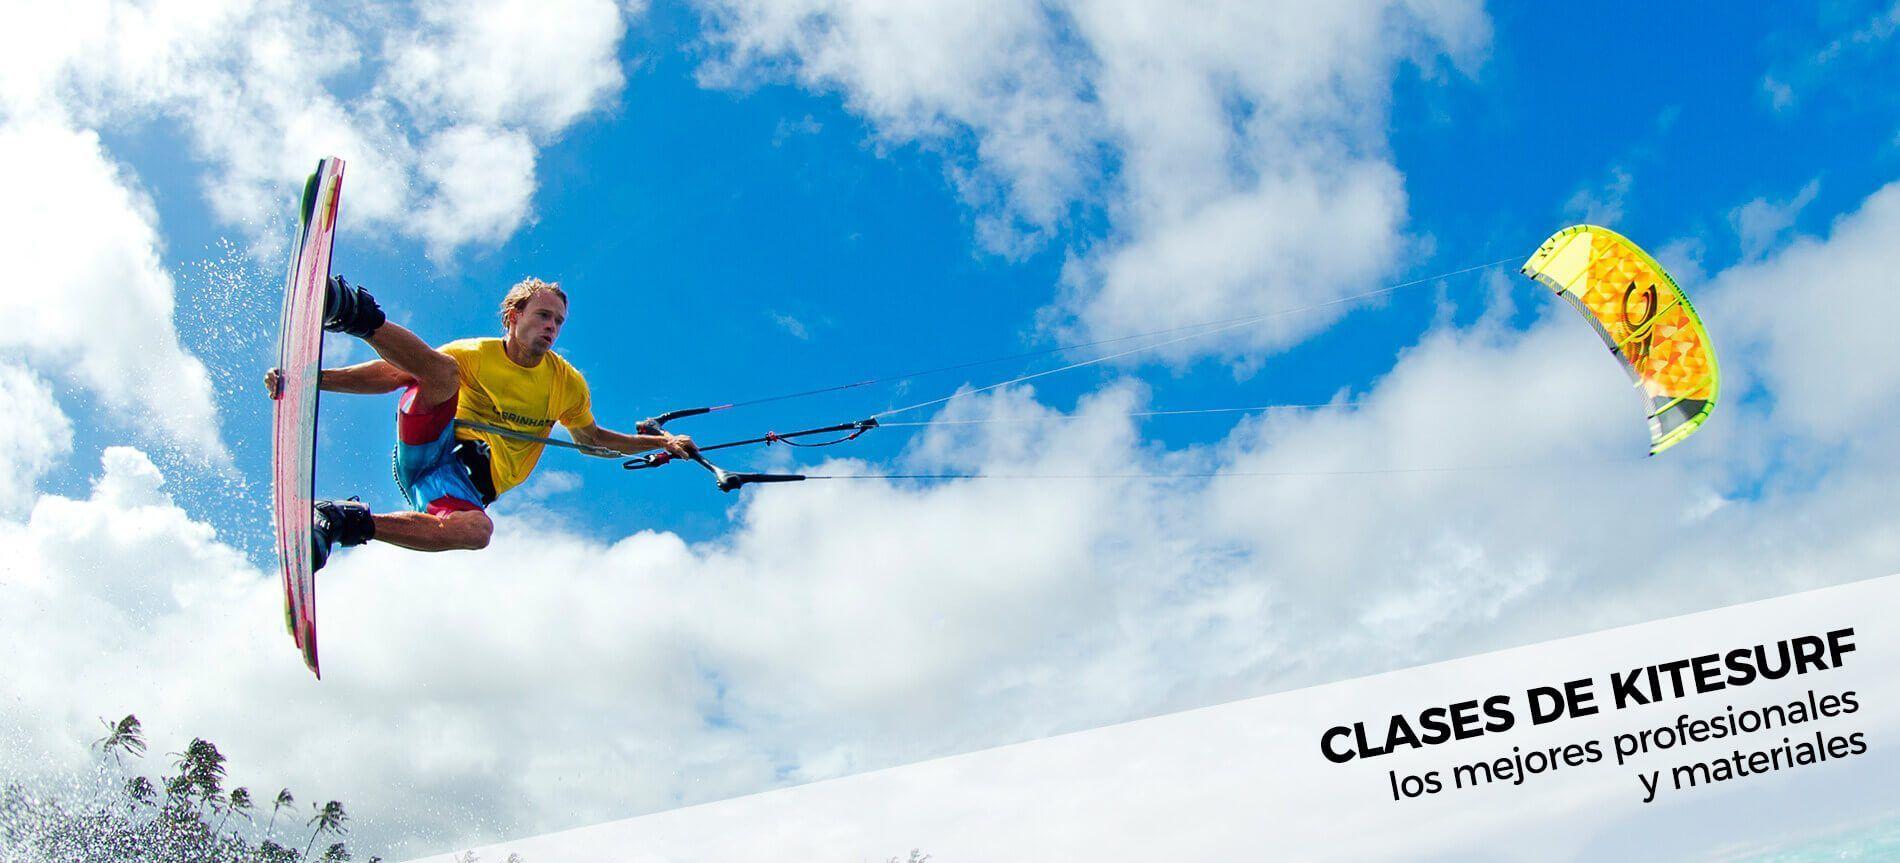 Clases de Kite Surf